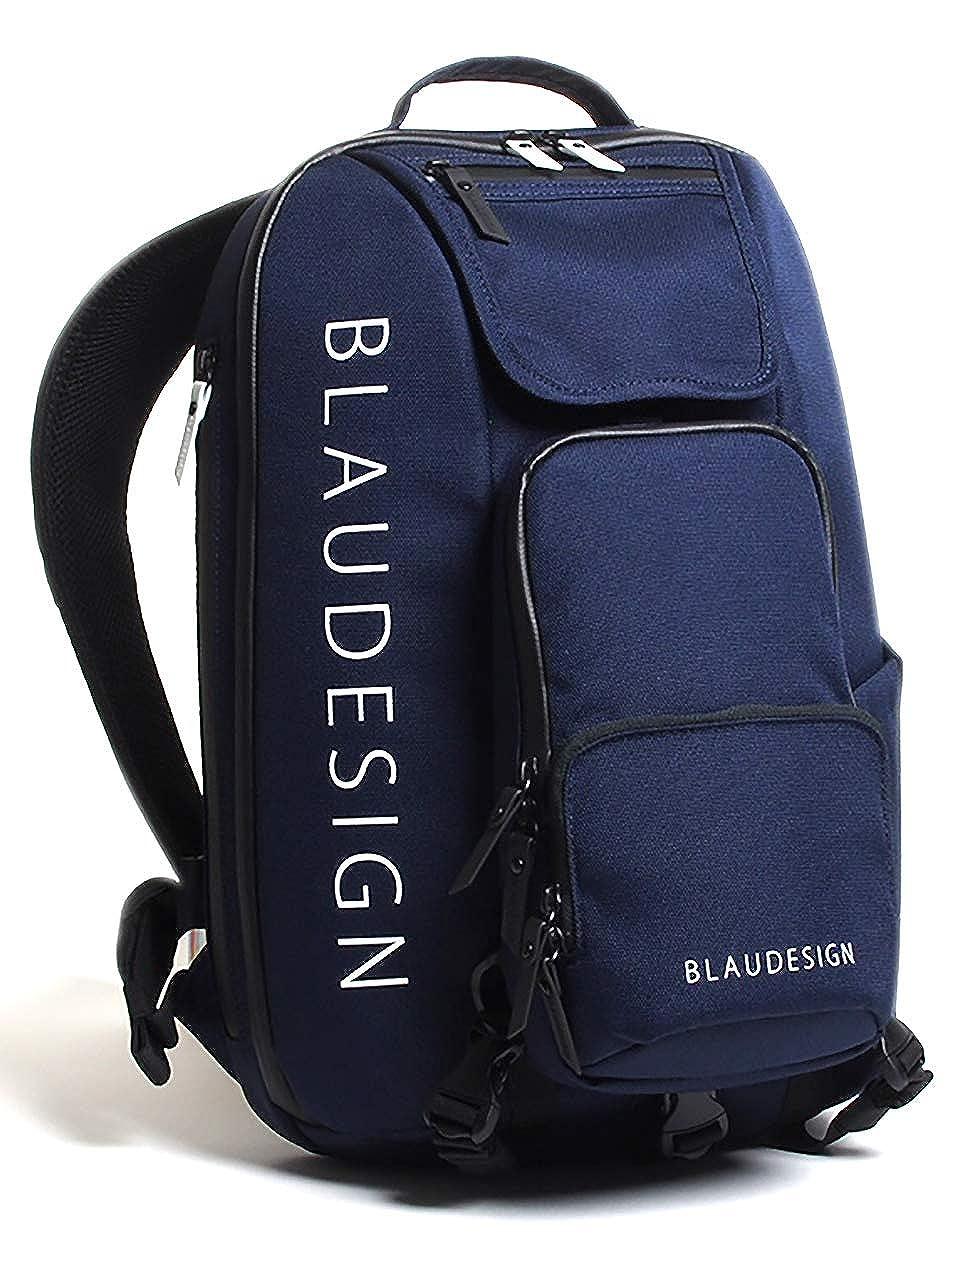 【ブラウデザイン】 BLAUDESIGN City Tourist 3WAYバックパック 旅行 メンズ 多機能バッグ リュックサック 通勤バックパック ボディバッグ  ネイビー/ホワイト B07G45C69S